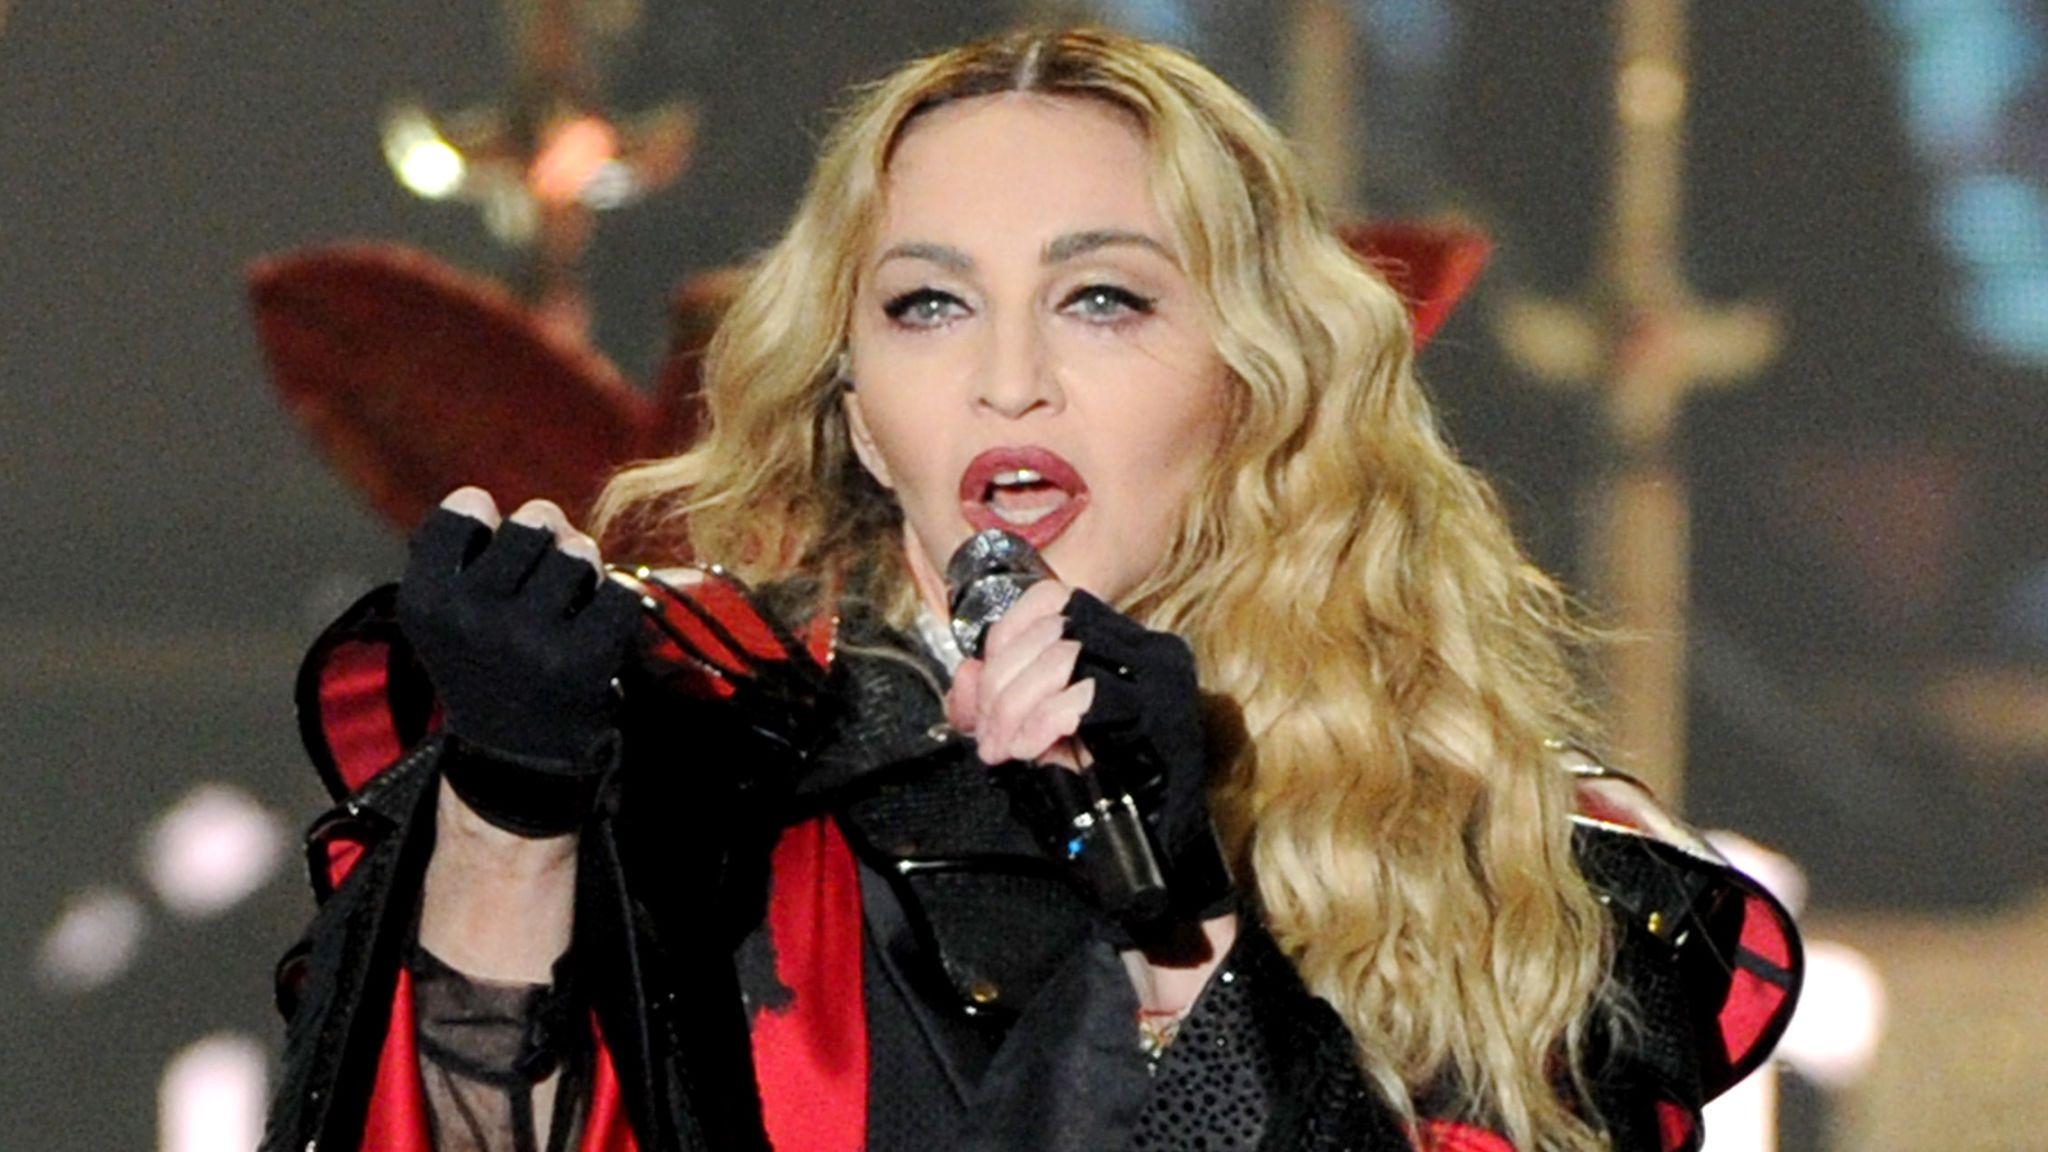 Madonna se explica depois de atrasar e seus shows e afirma que uma rainha nunca se atrasa (Foto: Reprodução)